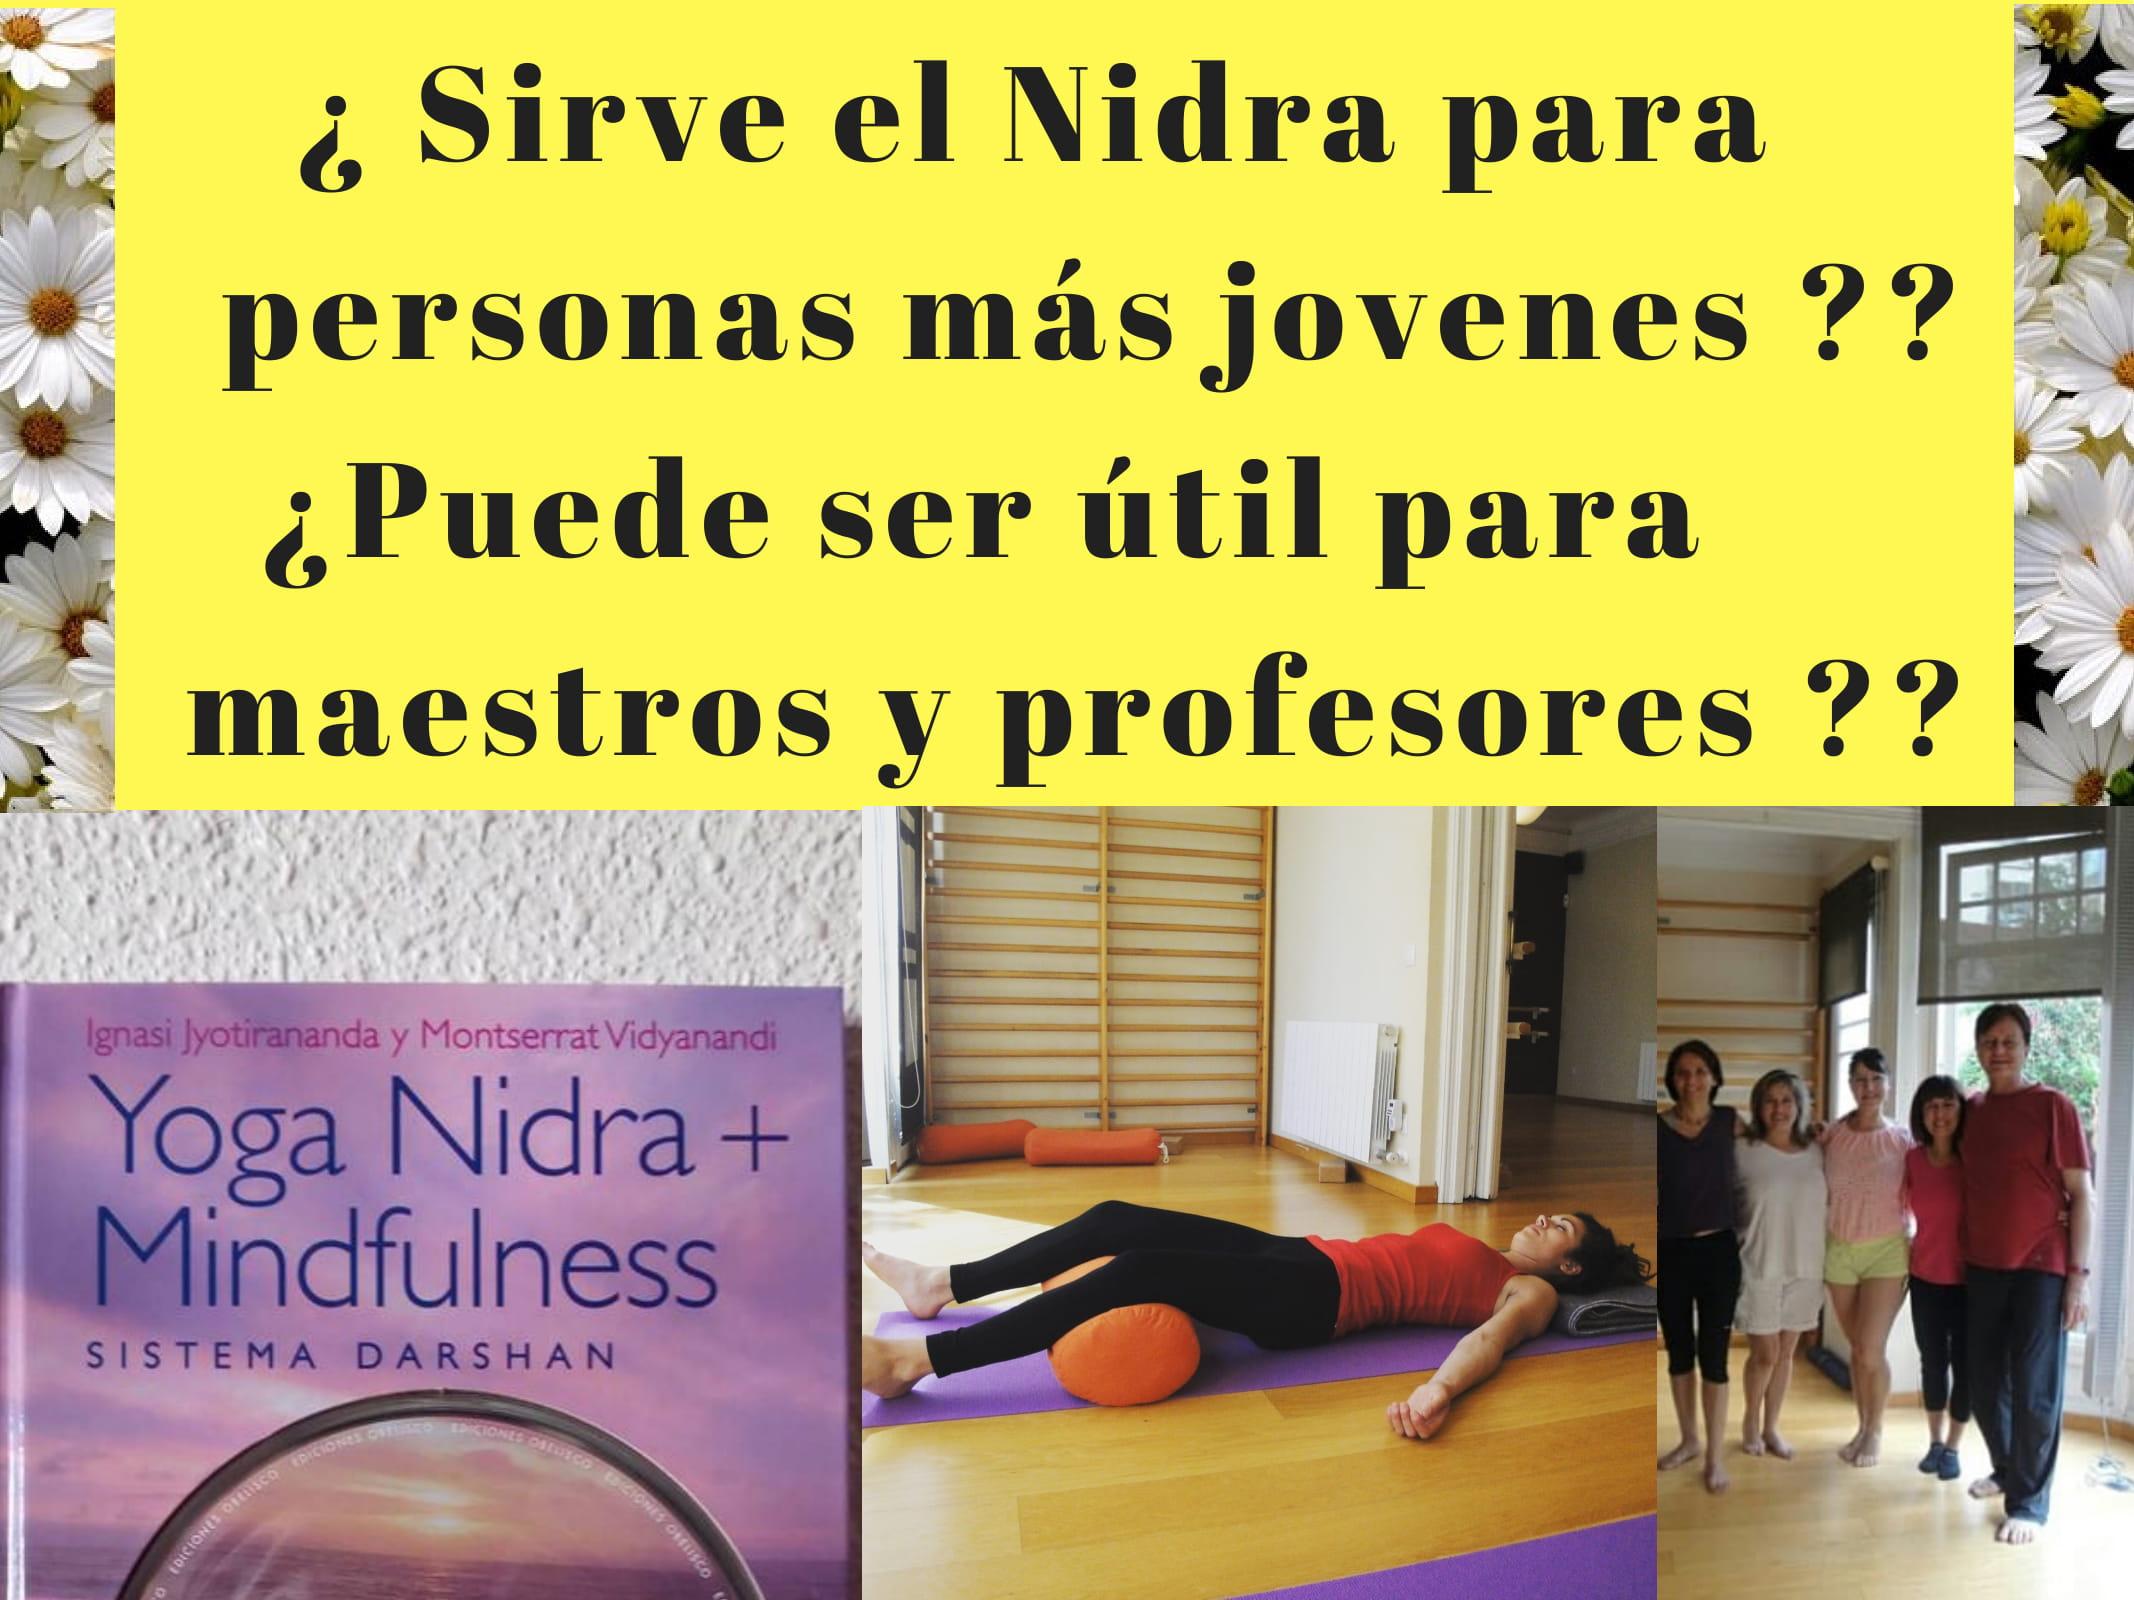 Formacio de Ioga Nidra Mindfulness per a professors i mestres d escola o institut